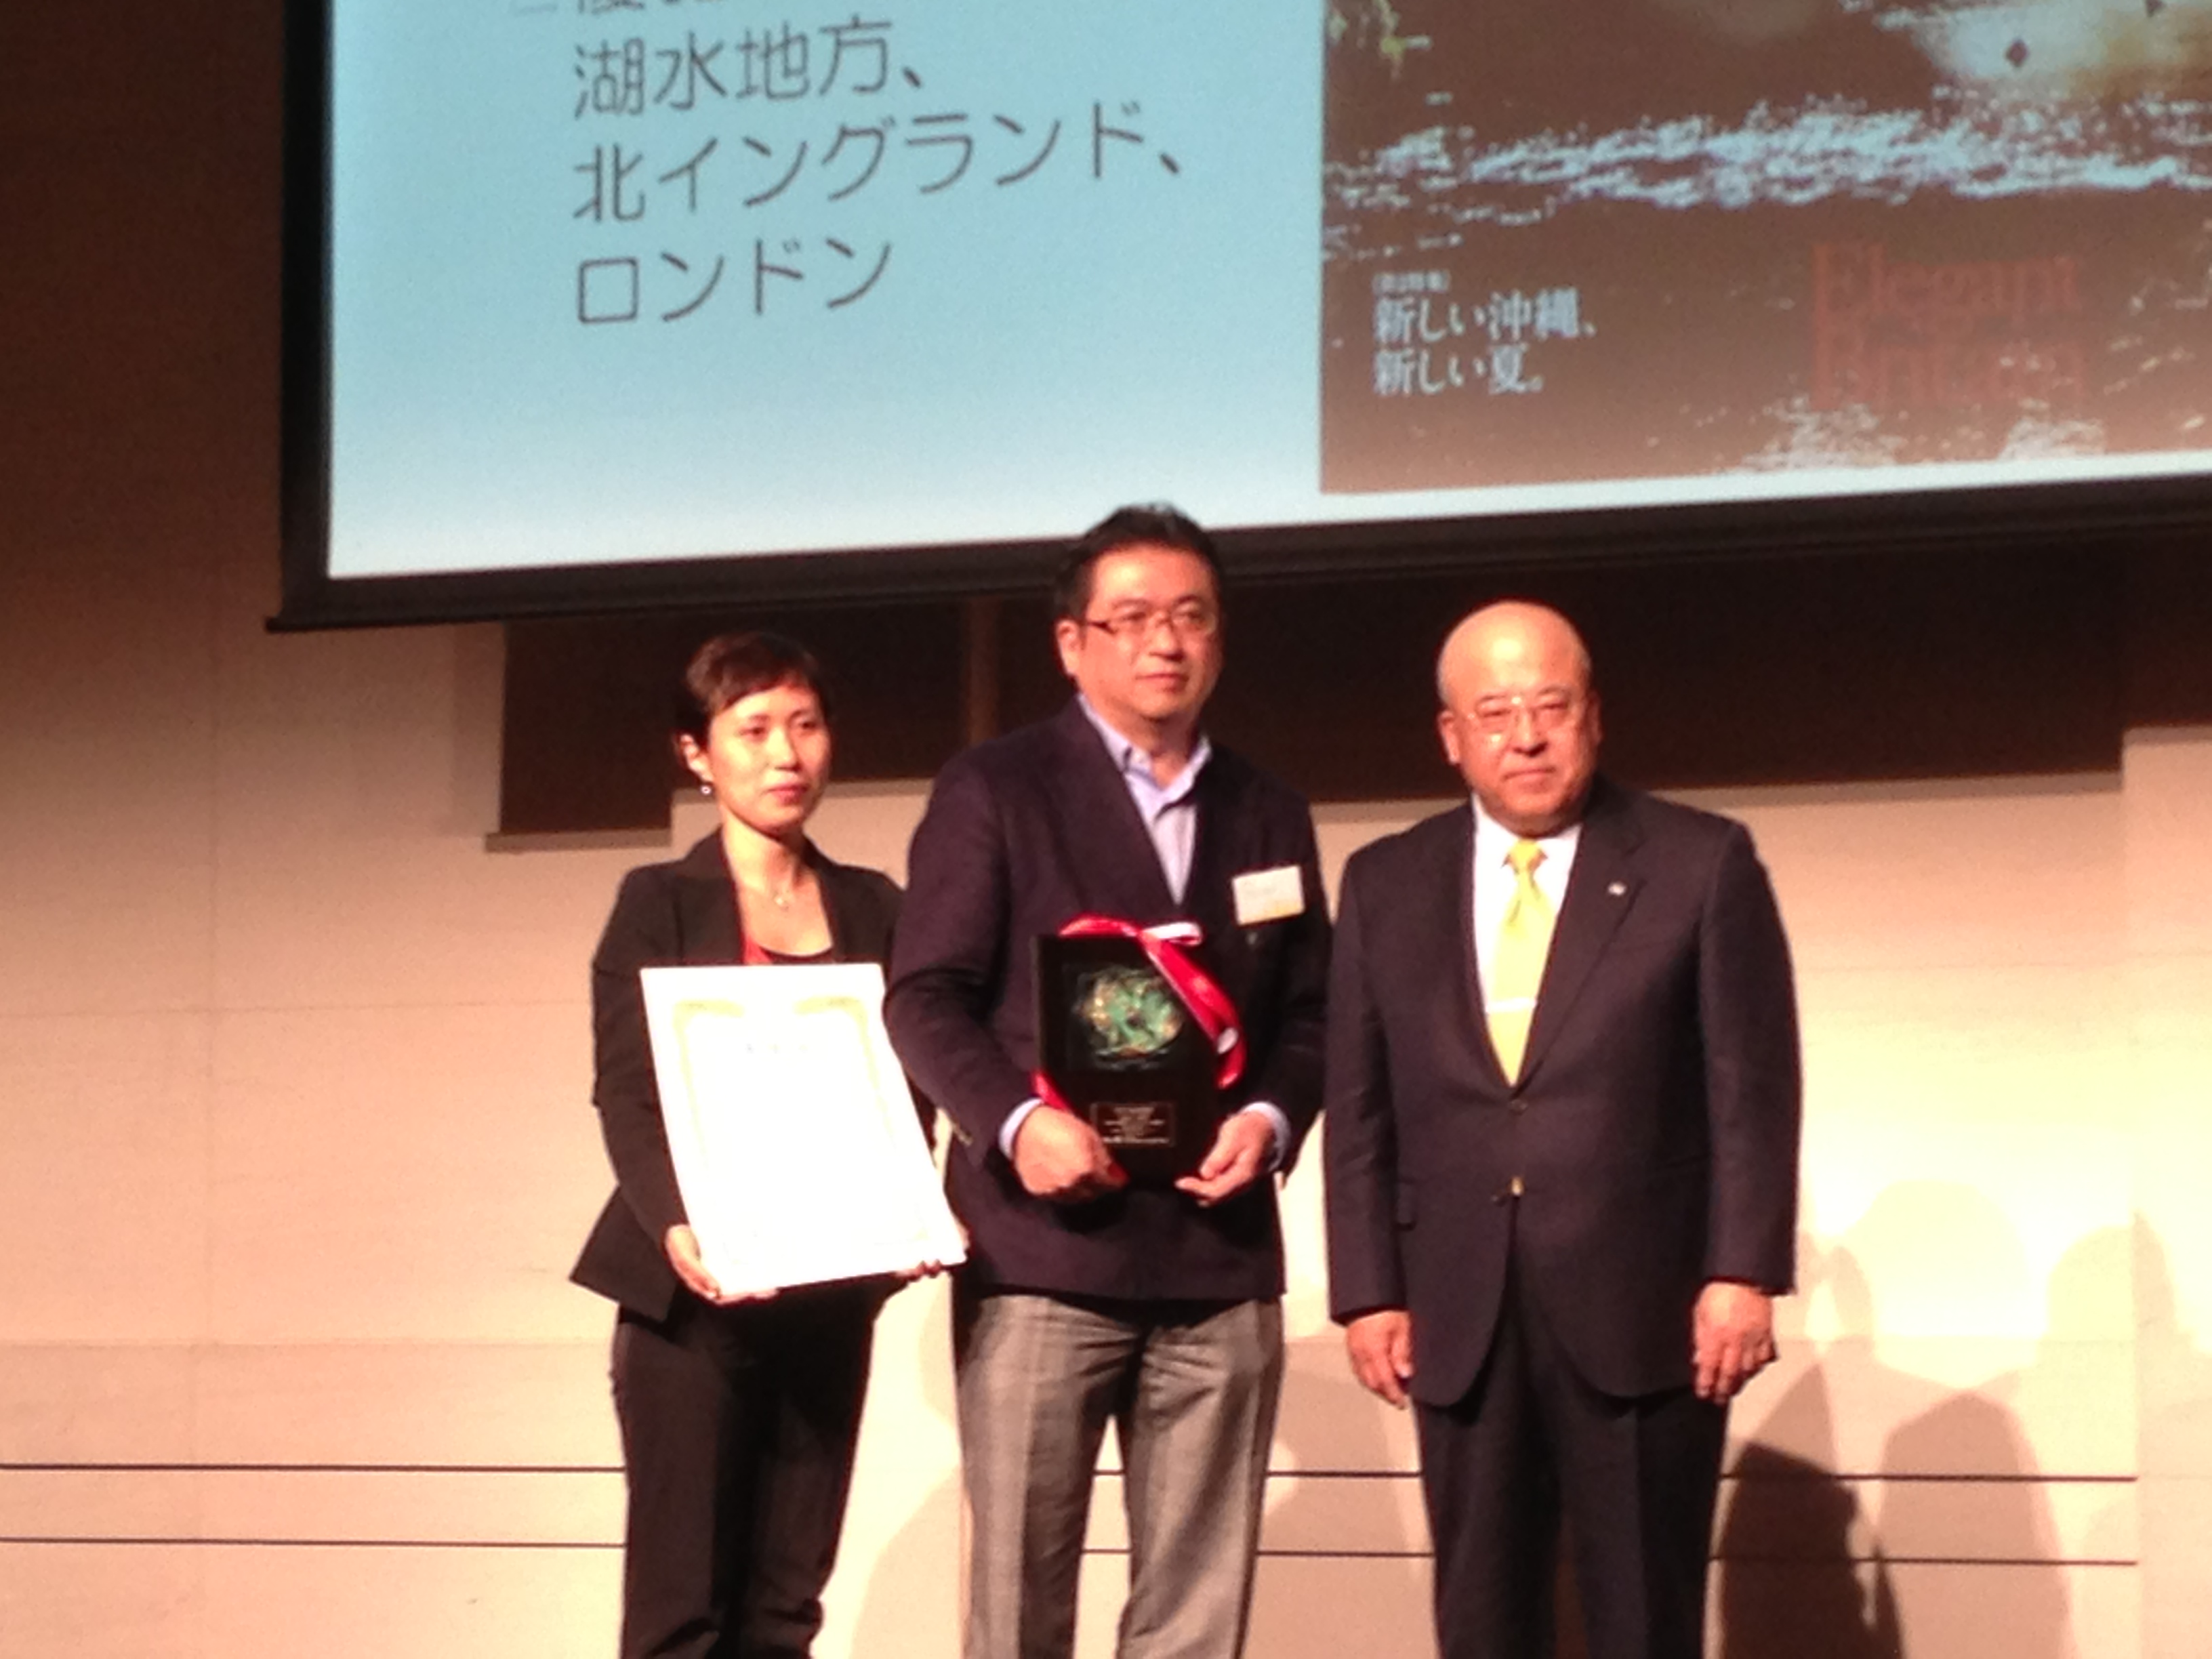 チーム・ヨーロッパ、テレビや新聞などメディアを表彰、ウェブ部門優秀賞は「地球の歩き方」